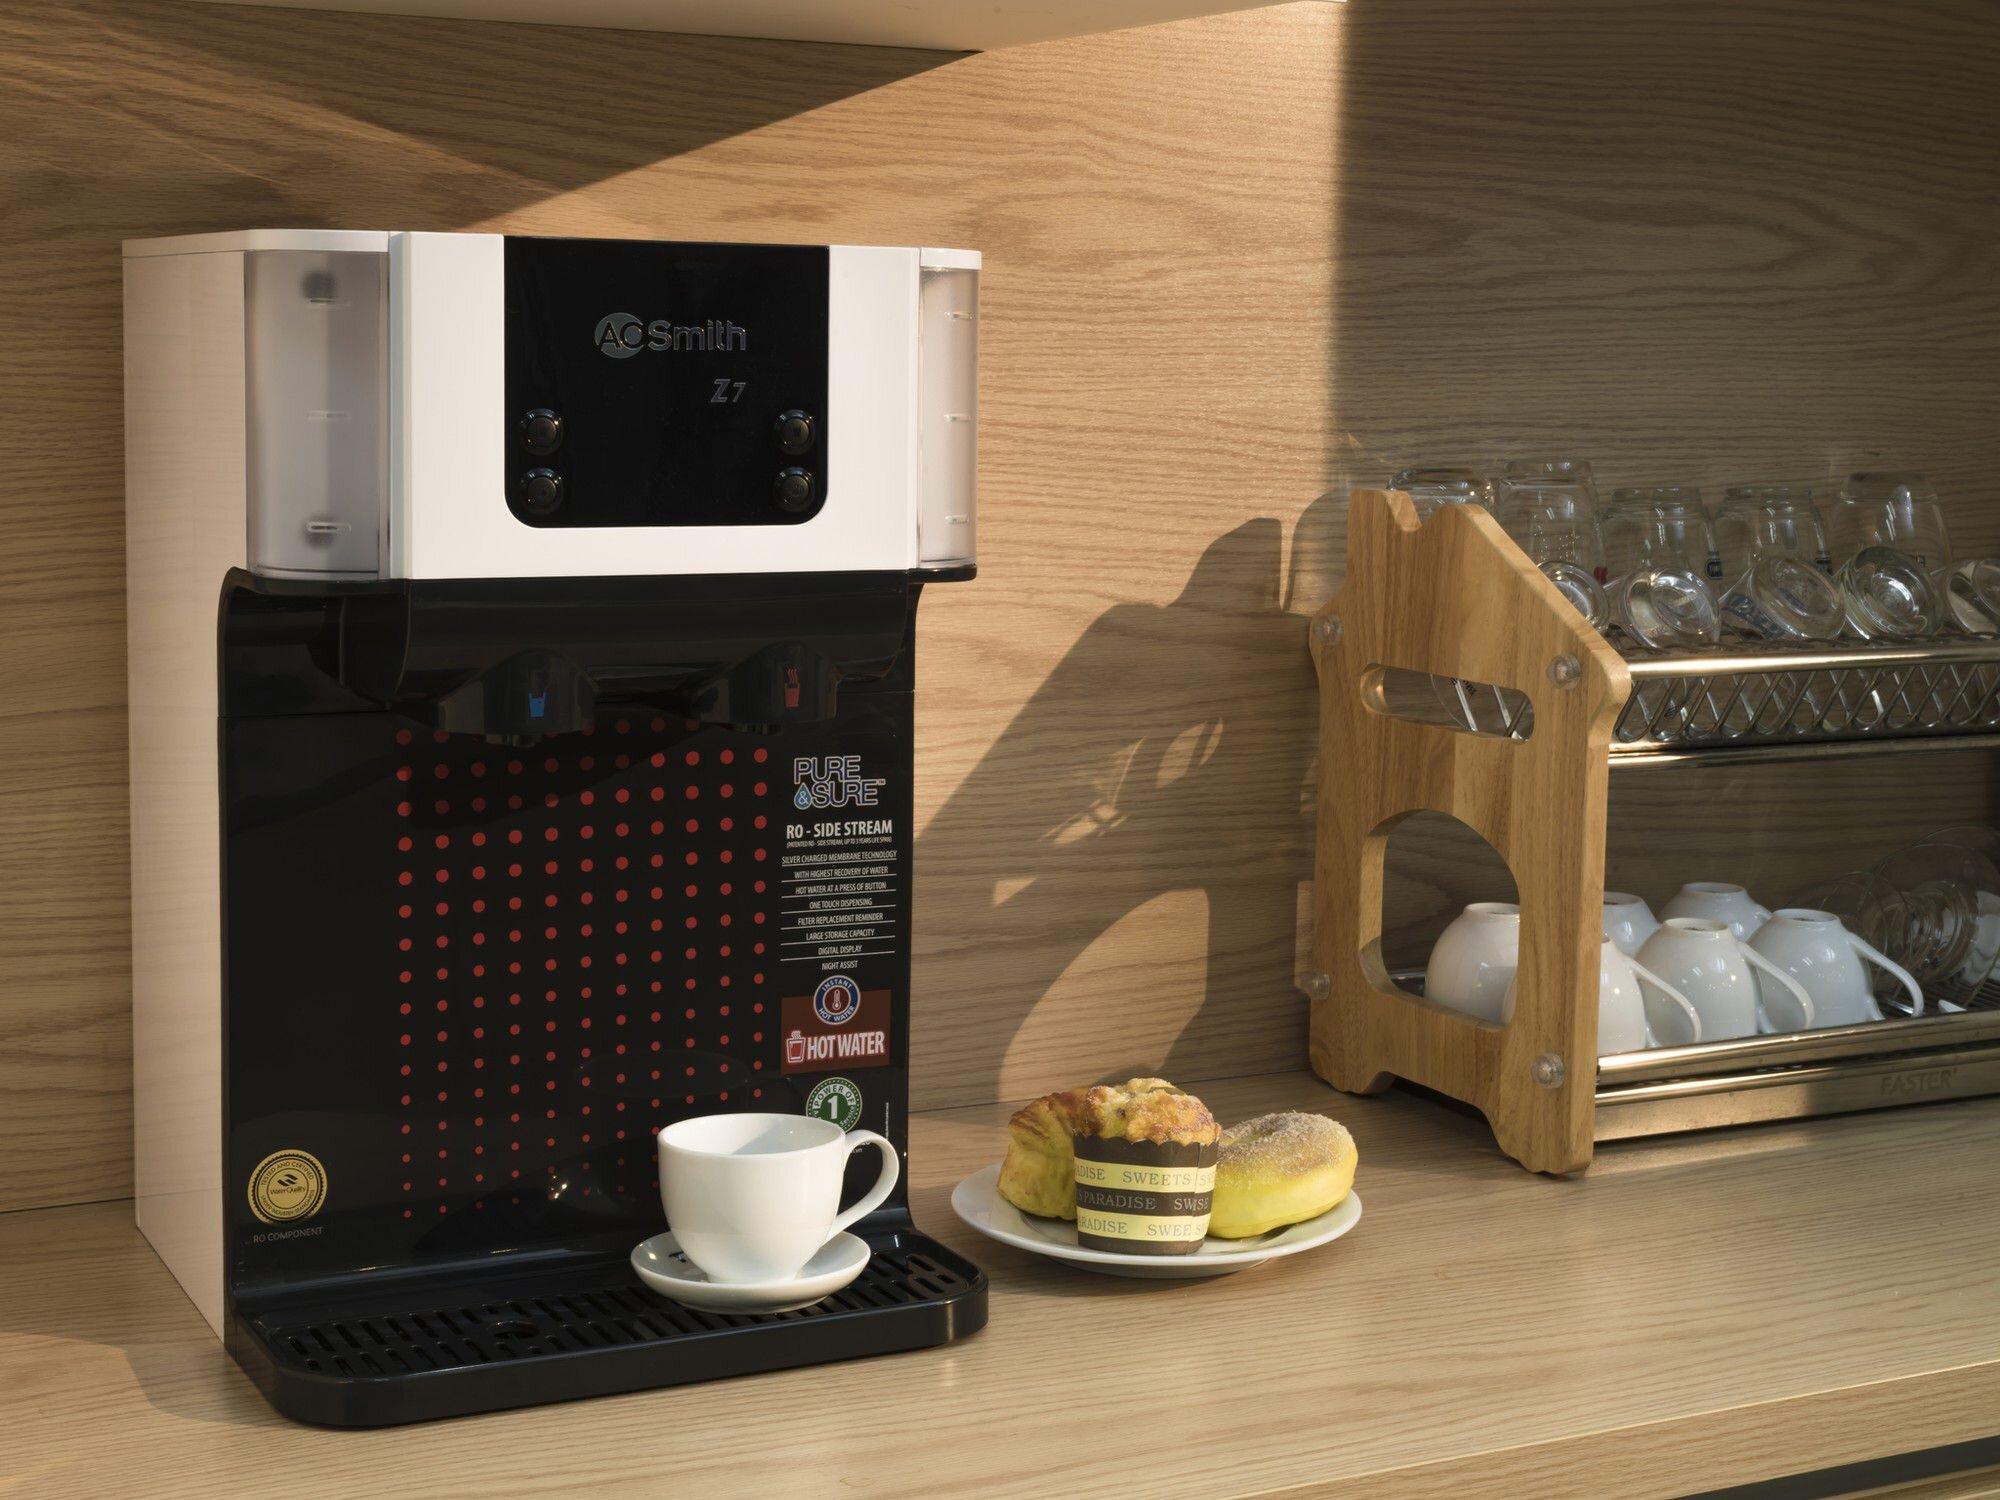 Chiếc máy nhỏ gọn có thể đặt được ngay trên bàn bếp